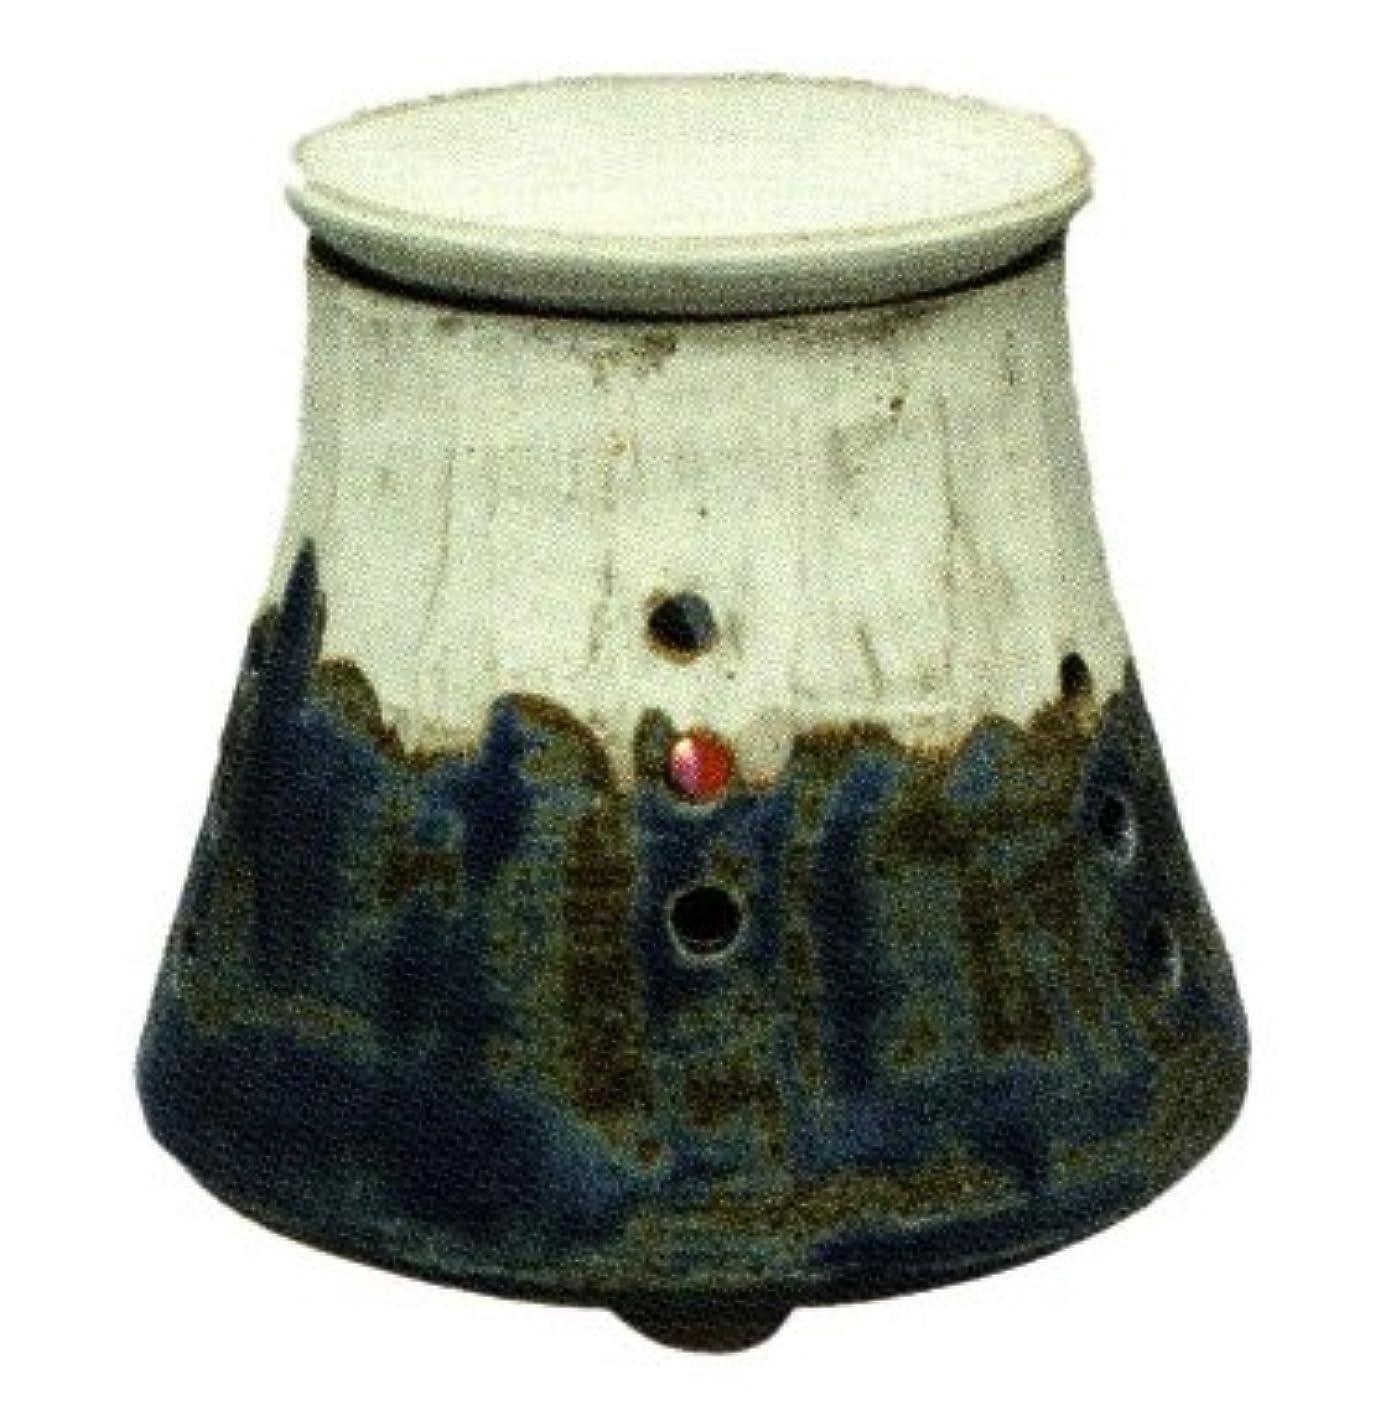 イヤホン酔った真似る常滑焼?焜清 カ39-01 茶香炉 青富士 径10.5×9.5cm